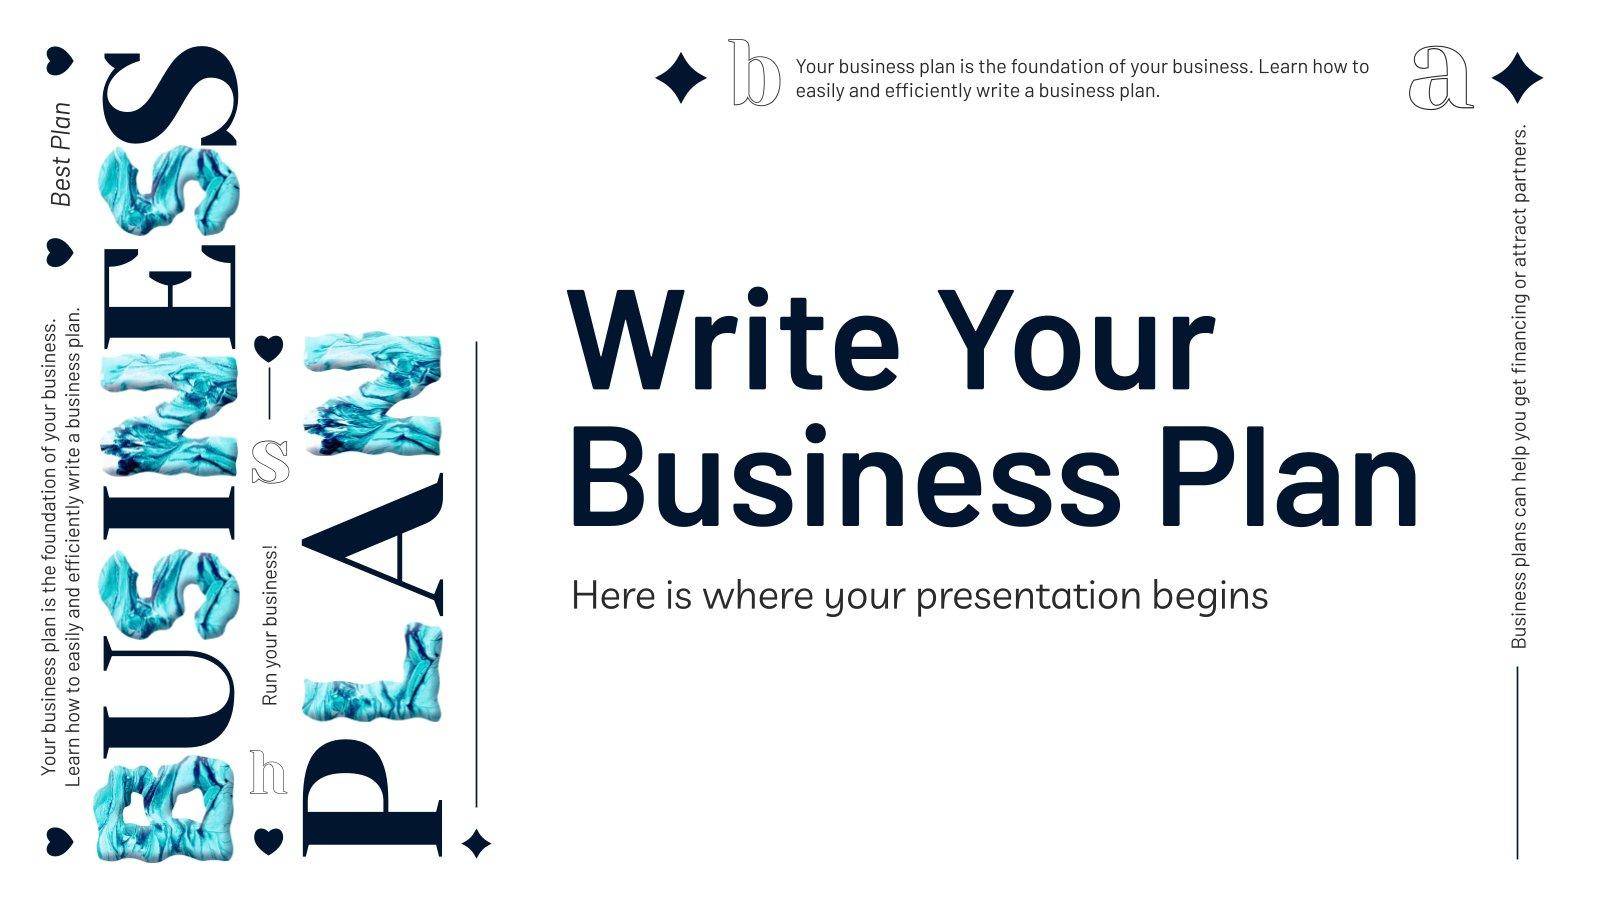 Écrivez votre plan d'affaires : Modèles de présentation